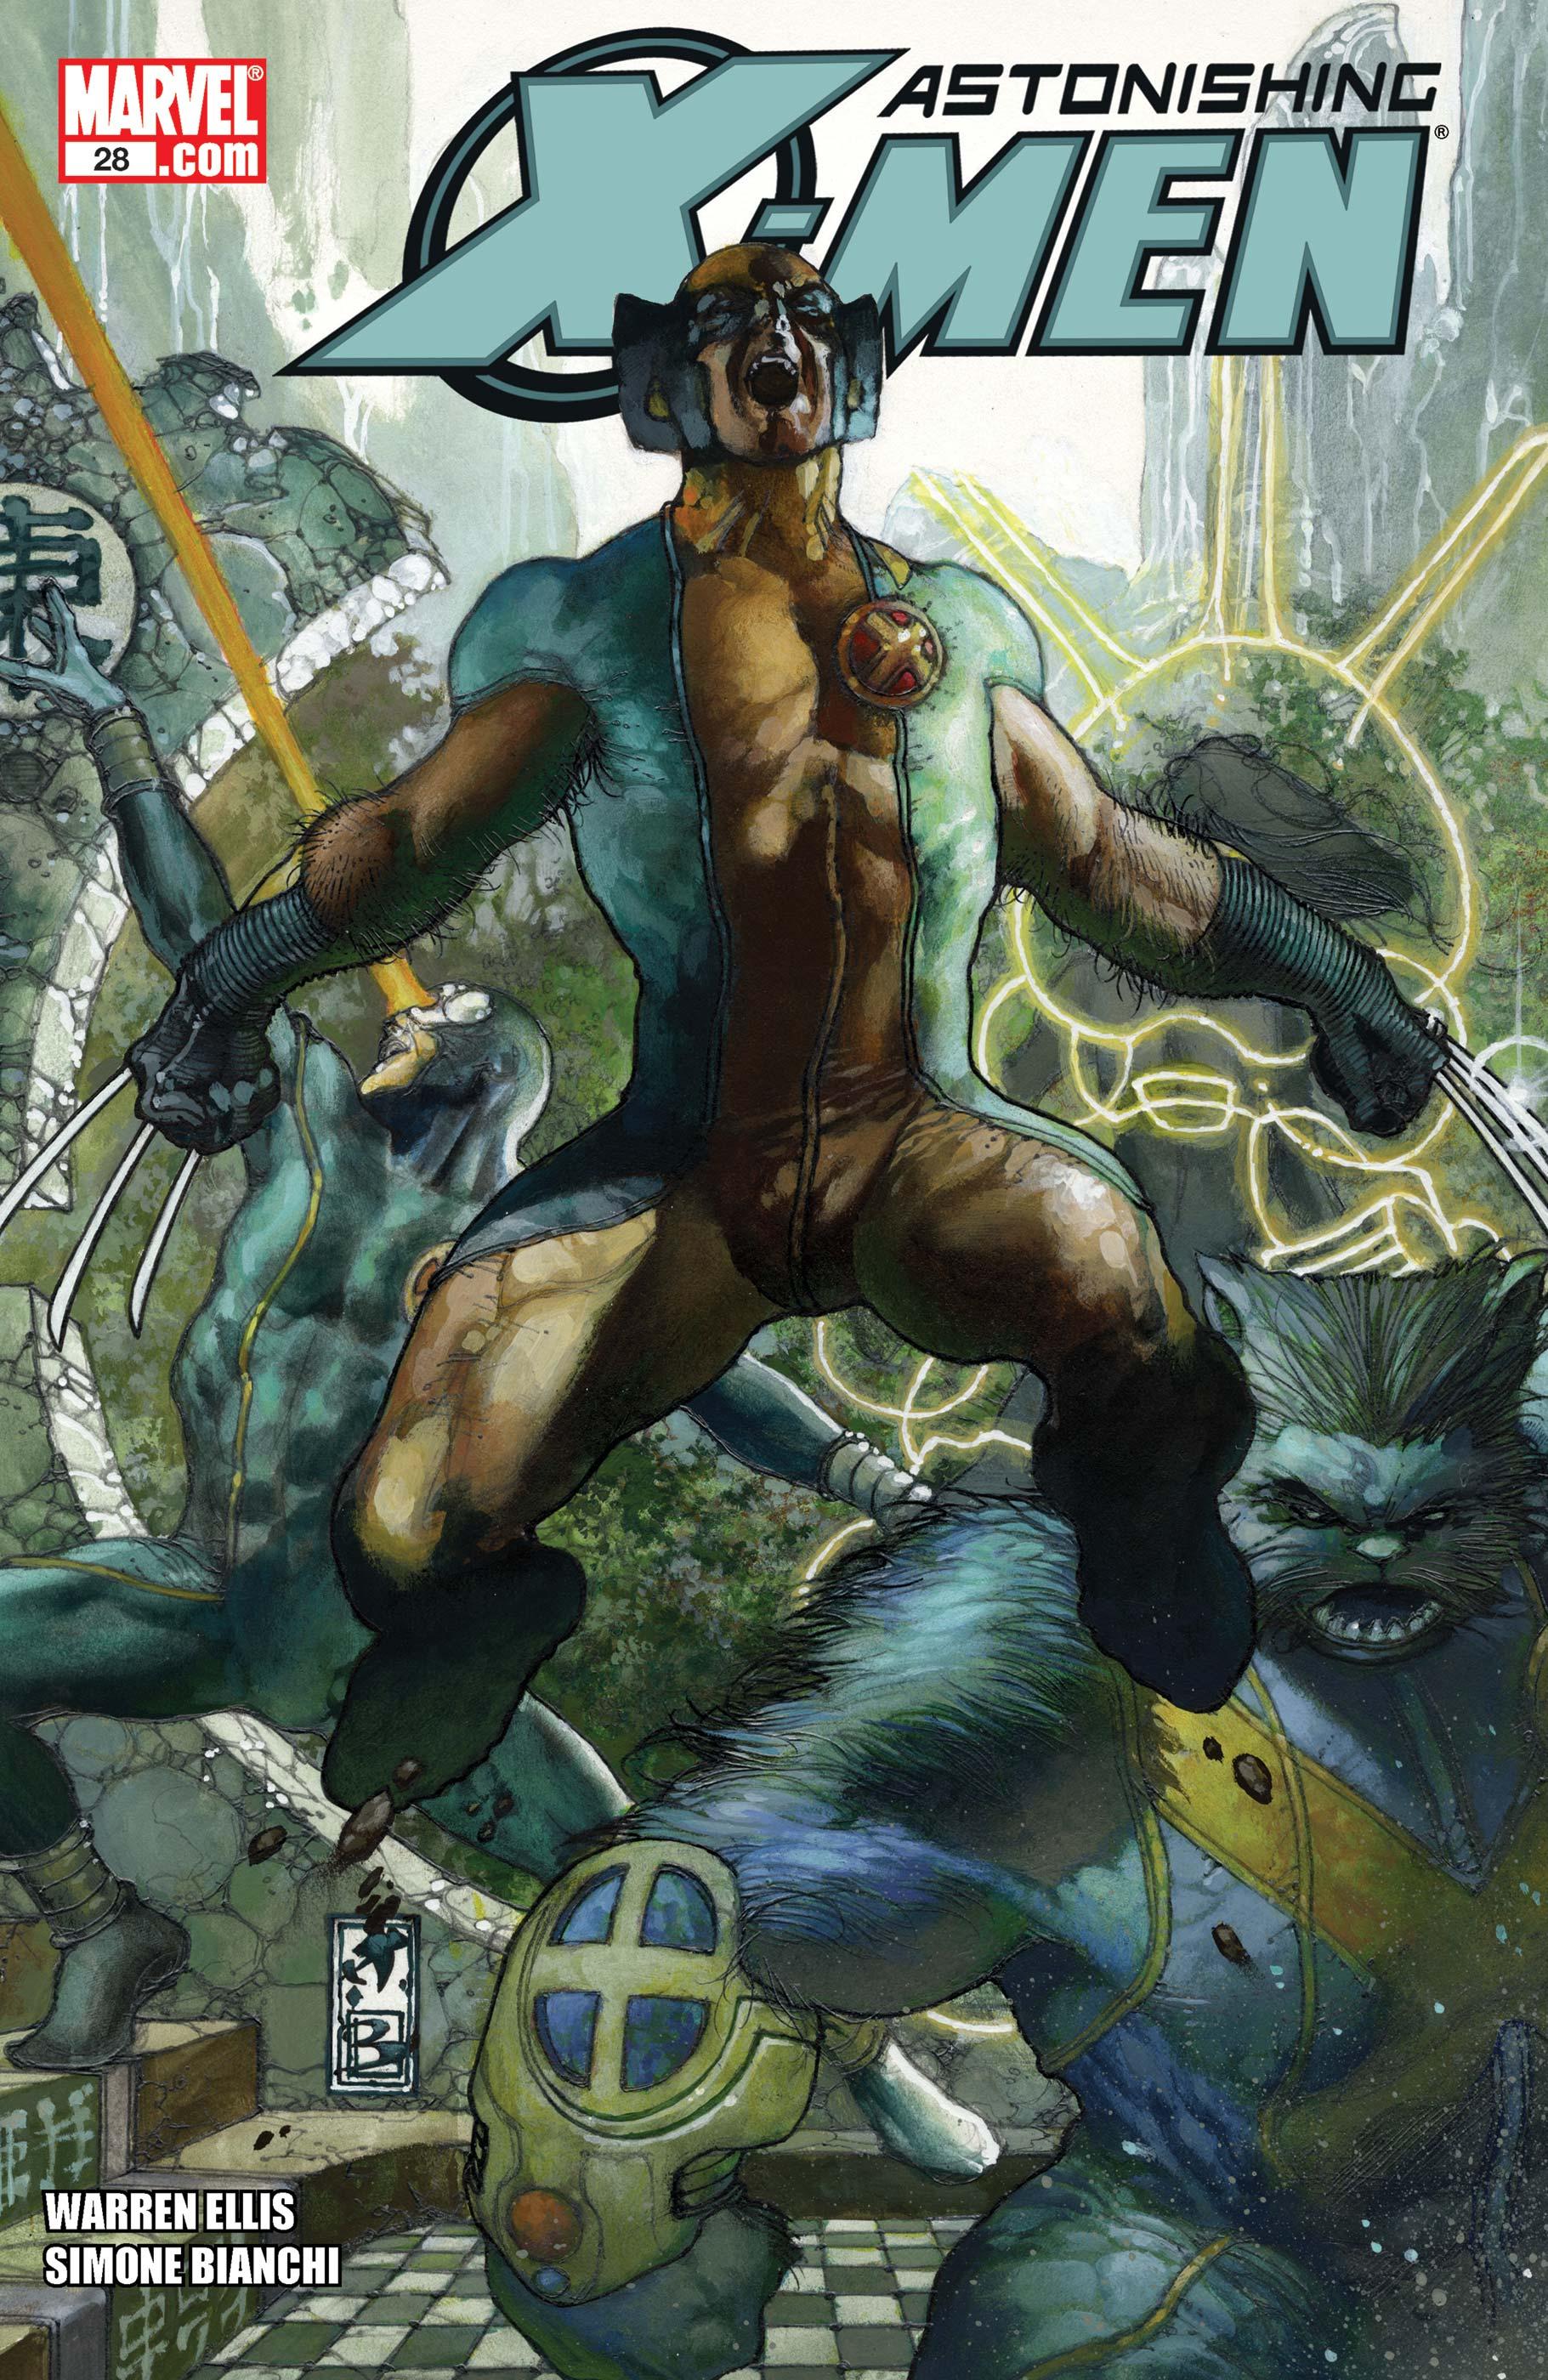 Astonishing X-Men (2004) #28